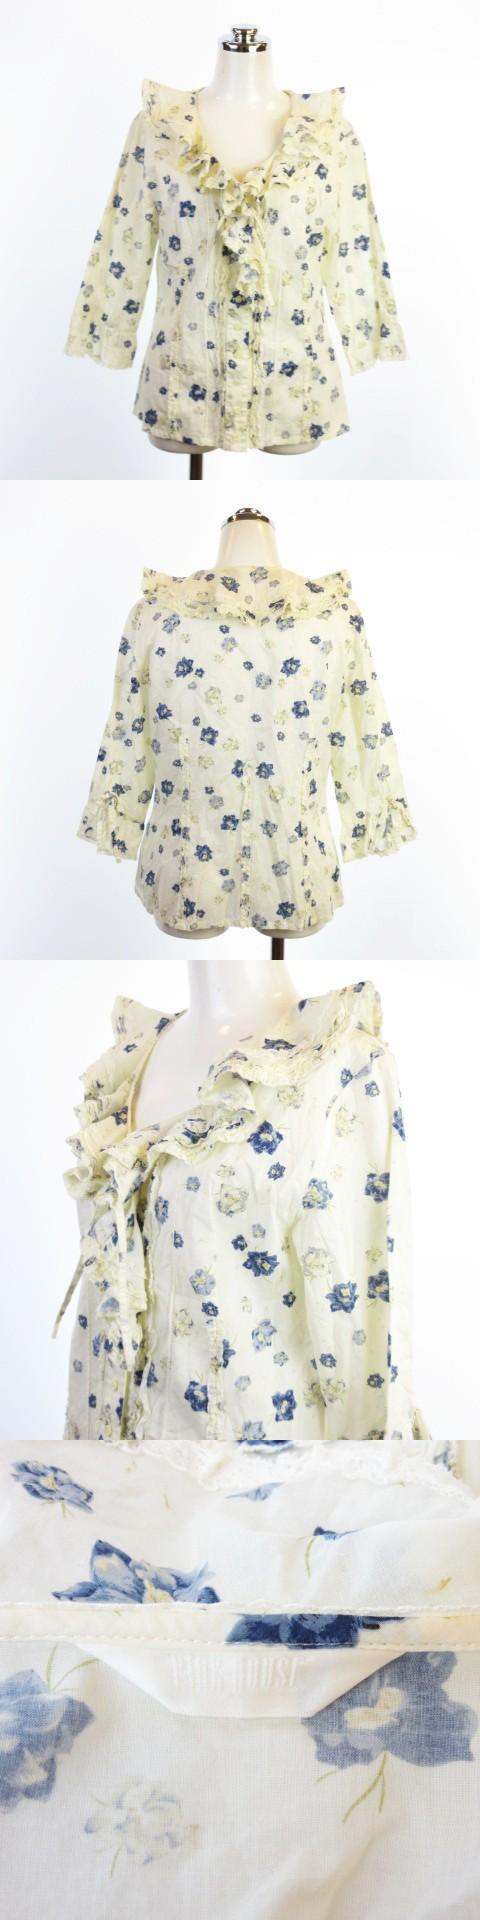 フリル ブラウス シャツ 花柄 フラワー 七分袖 レース ロマンチック 綿100% アイボリー ブルー AS1113